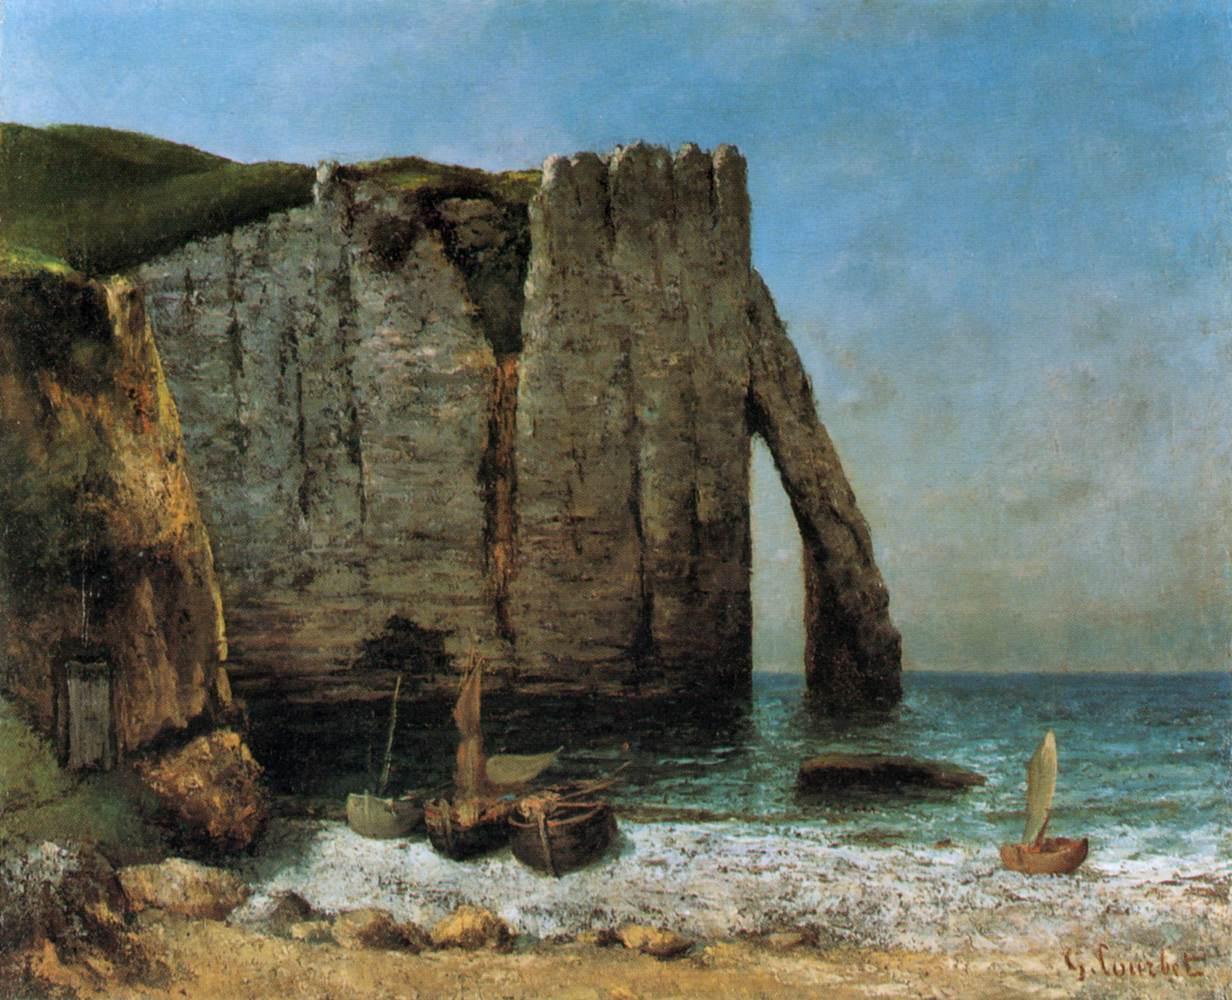 Gustave_Courbet_-_Cliffs_at_Étretat_.jpg